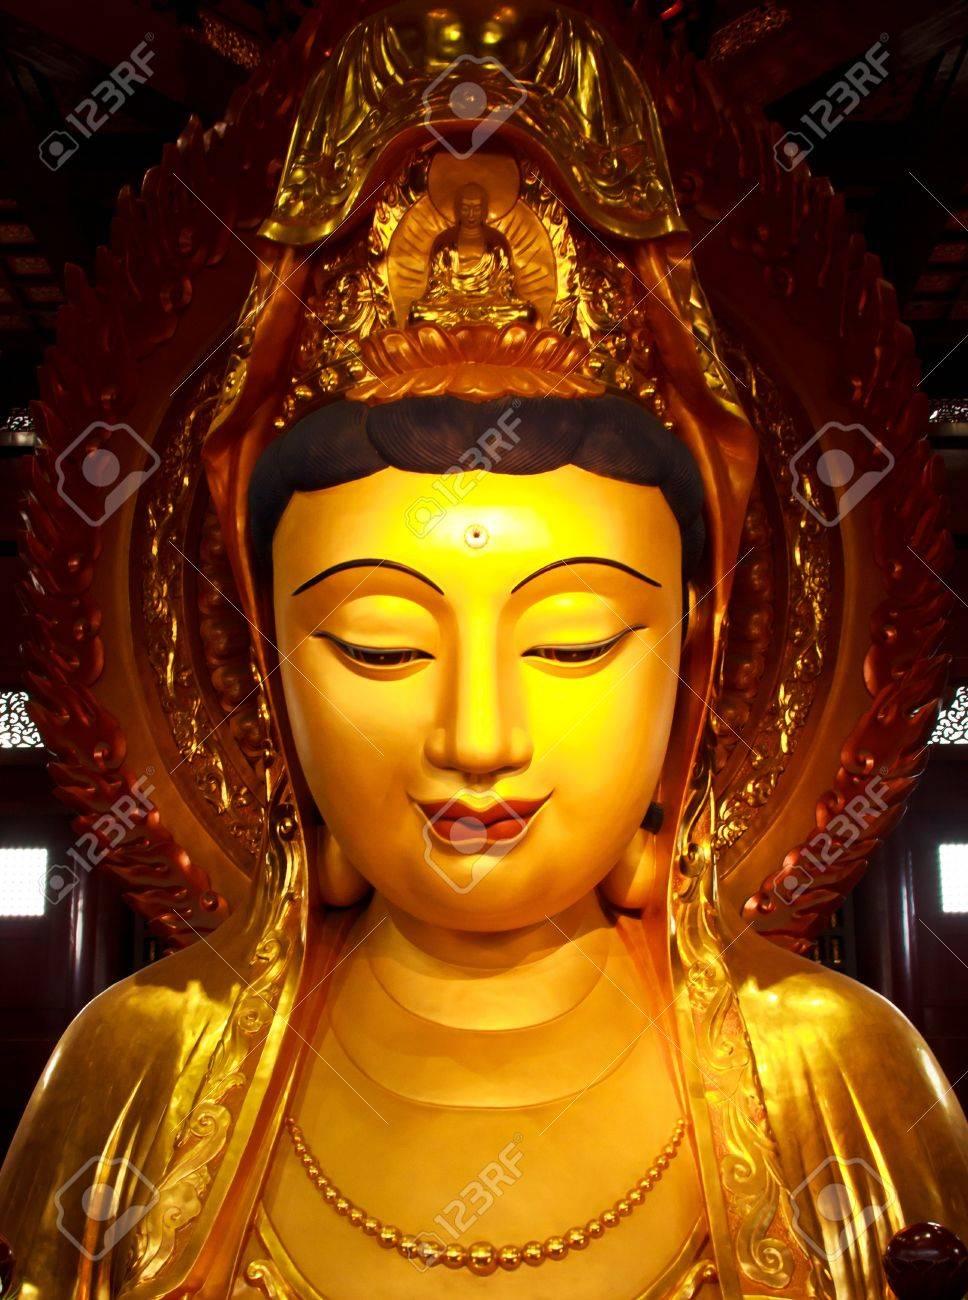 Guan Yin Statue wonderful (yin, kuan, quan) - 12157198-Guan-Yin-Statue-wonderful-Stock-Photo-yin-kuan-quan